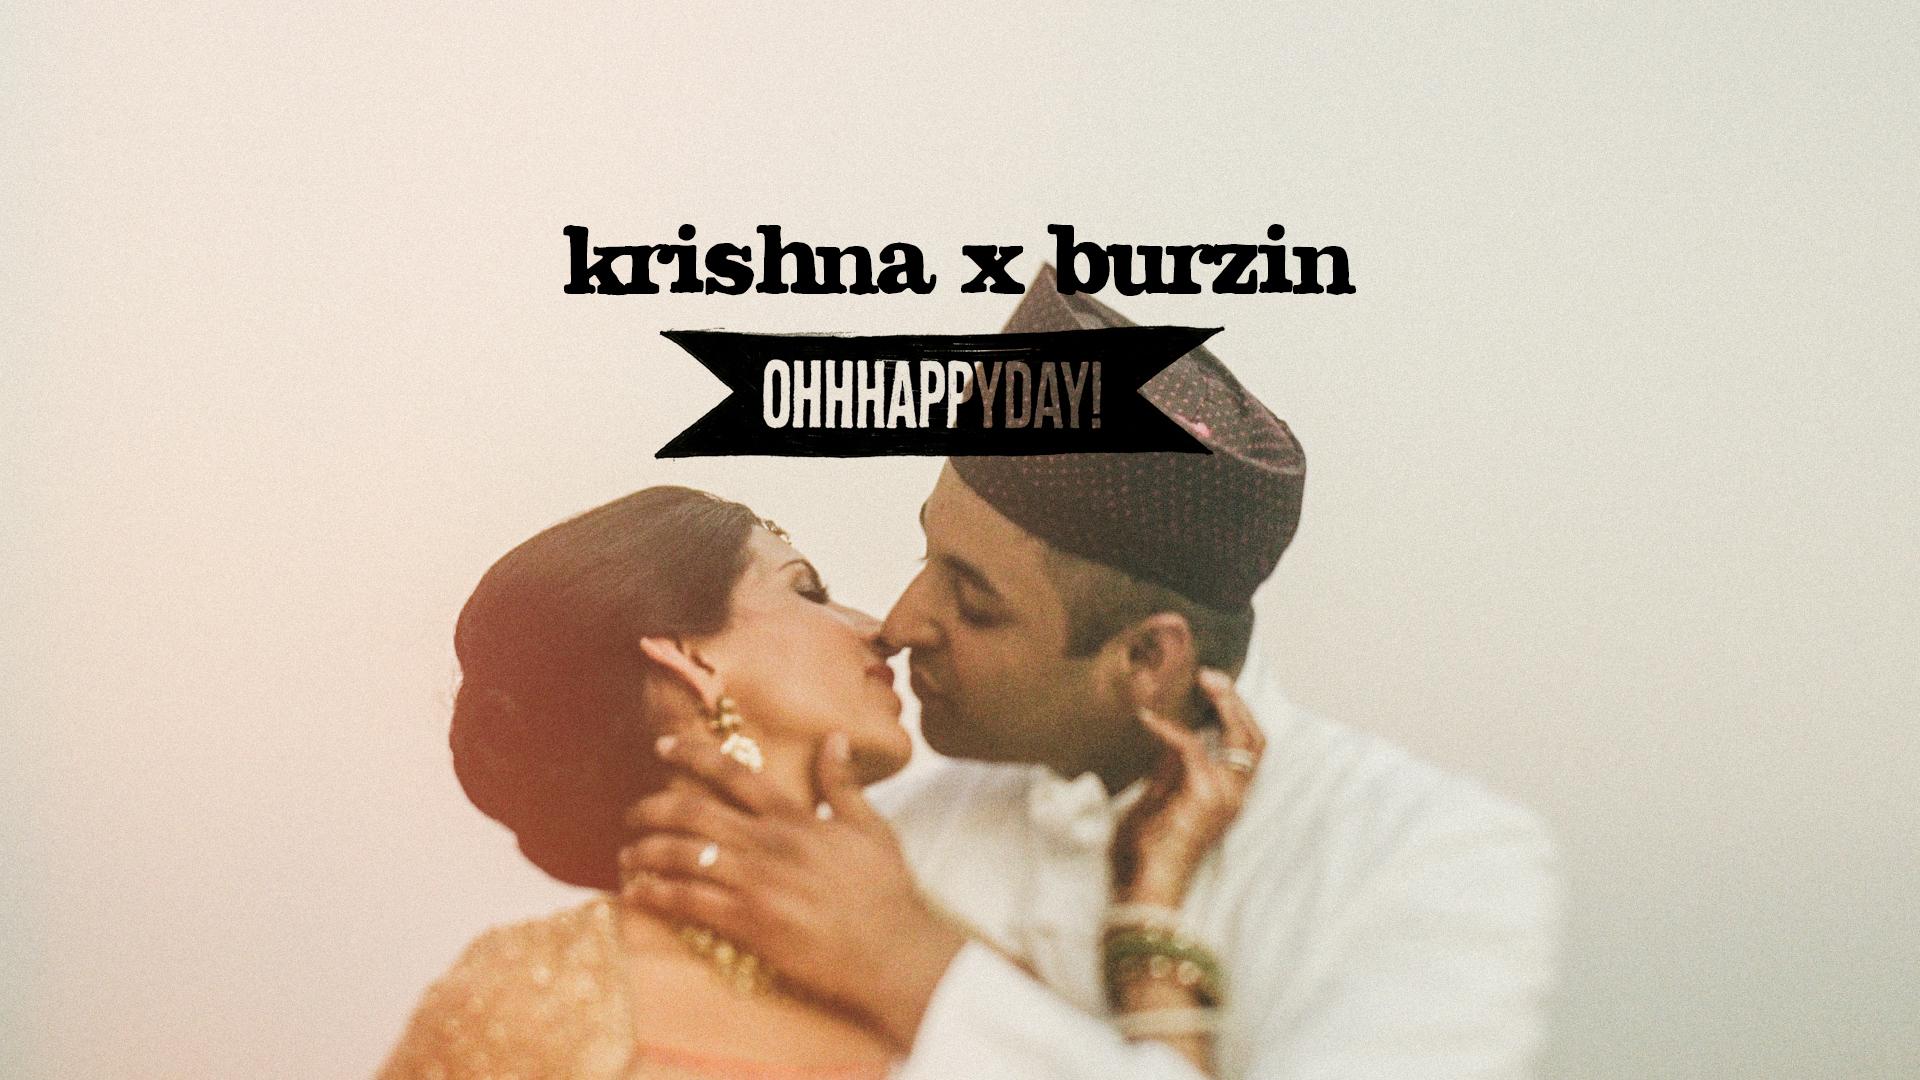 Krishna x Burzin. Destination Wedding in Thailand.